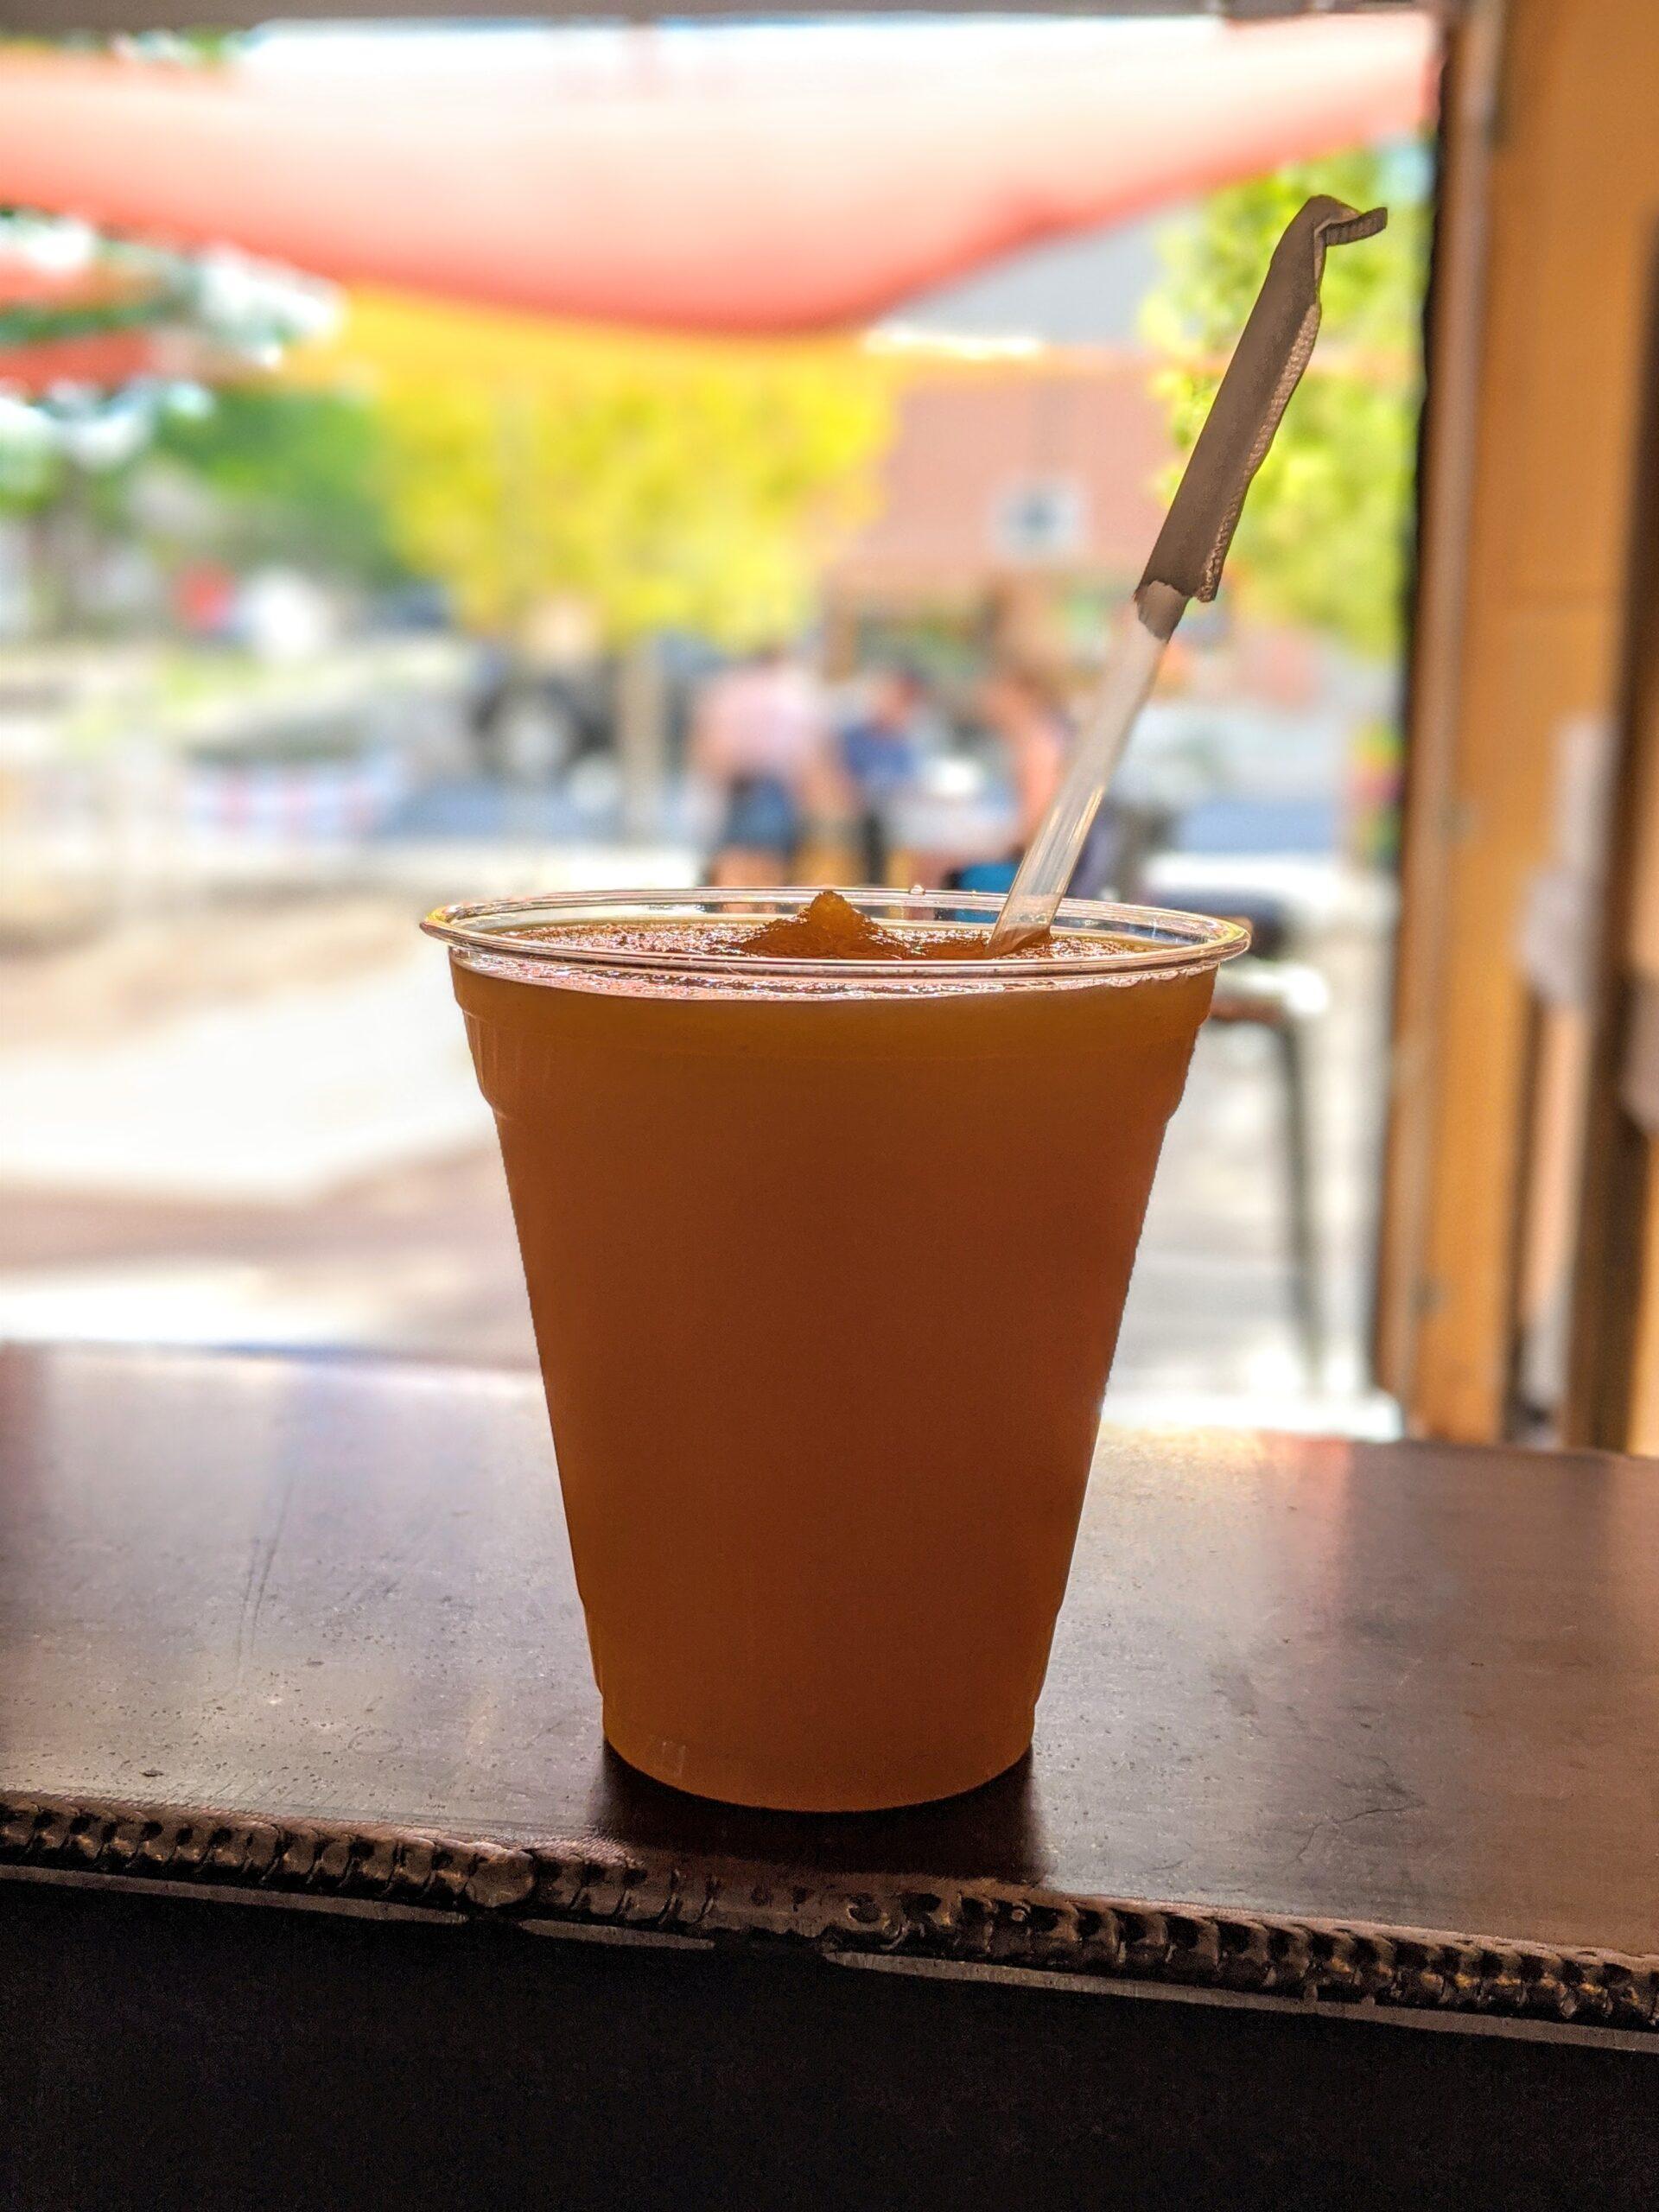 Mango Madness Slushee